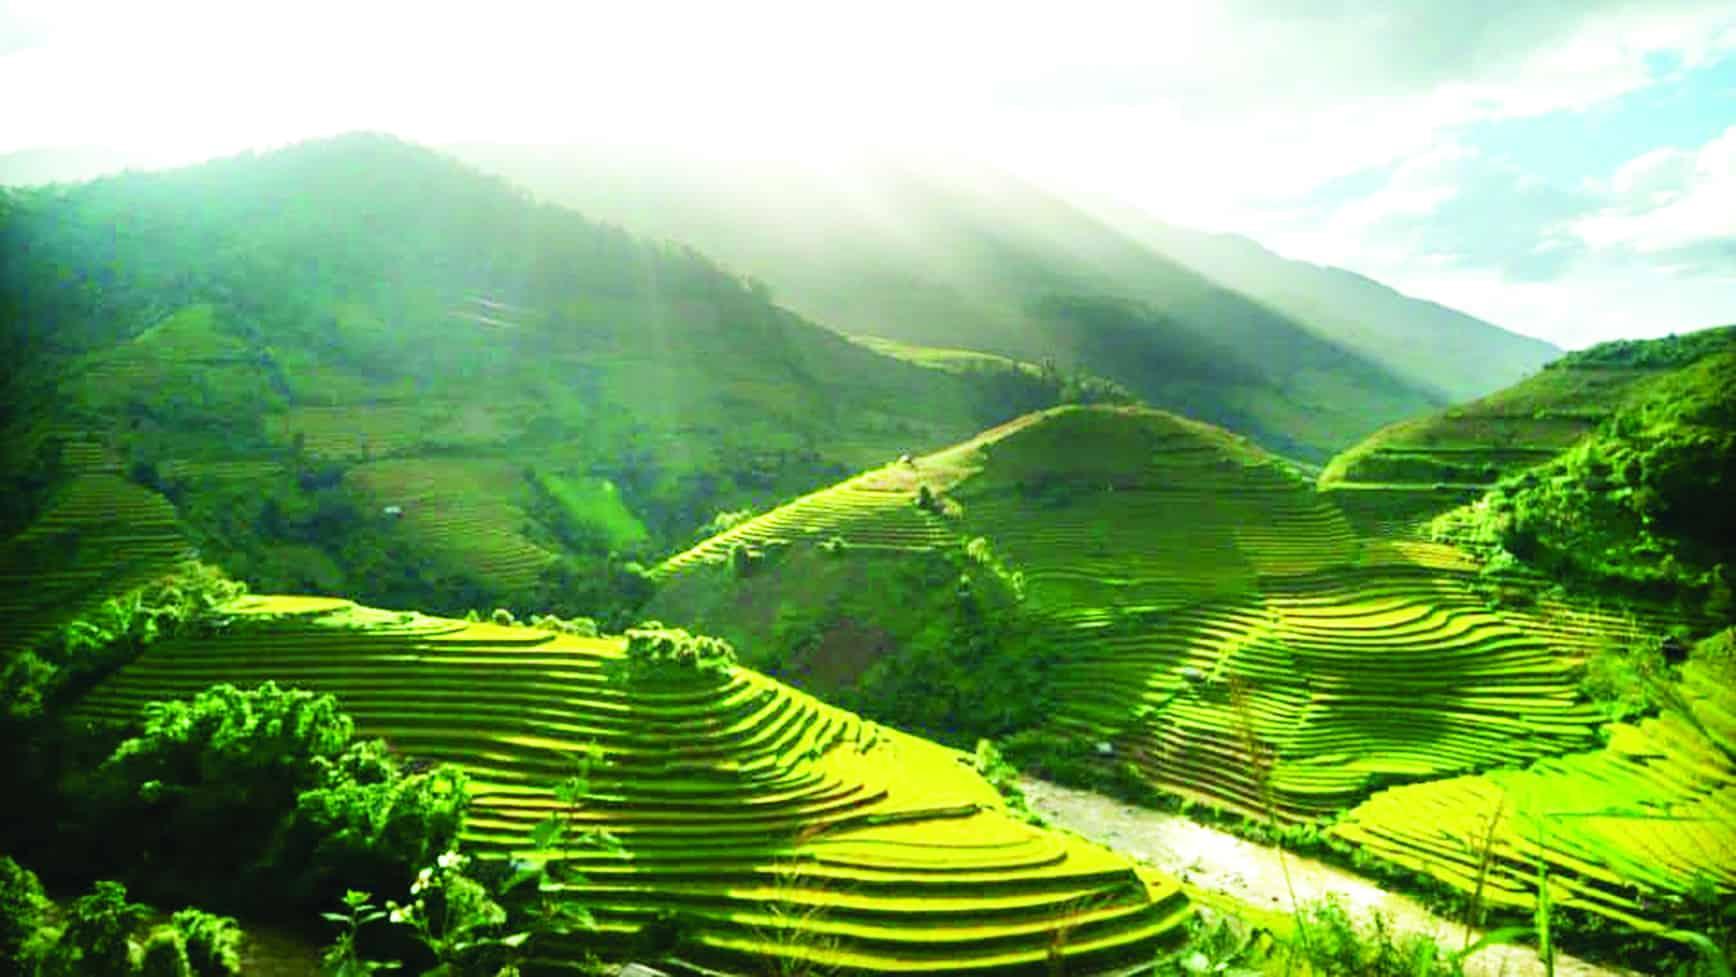 Đèo Khau Phạ - Kinh nghiệm du lịch Mù Căng Chải mùa lúa chín